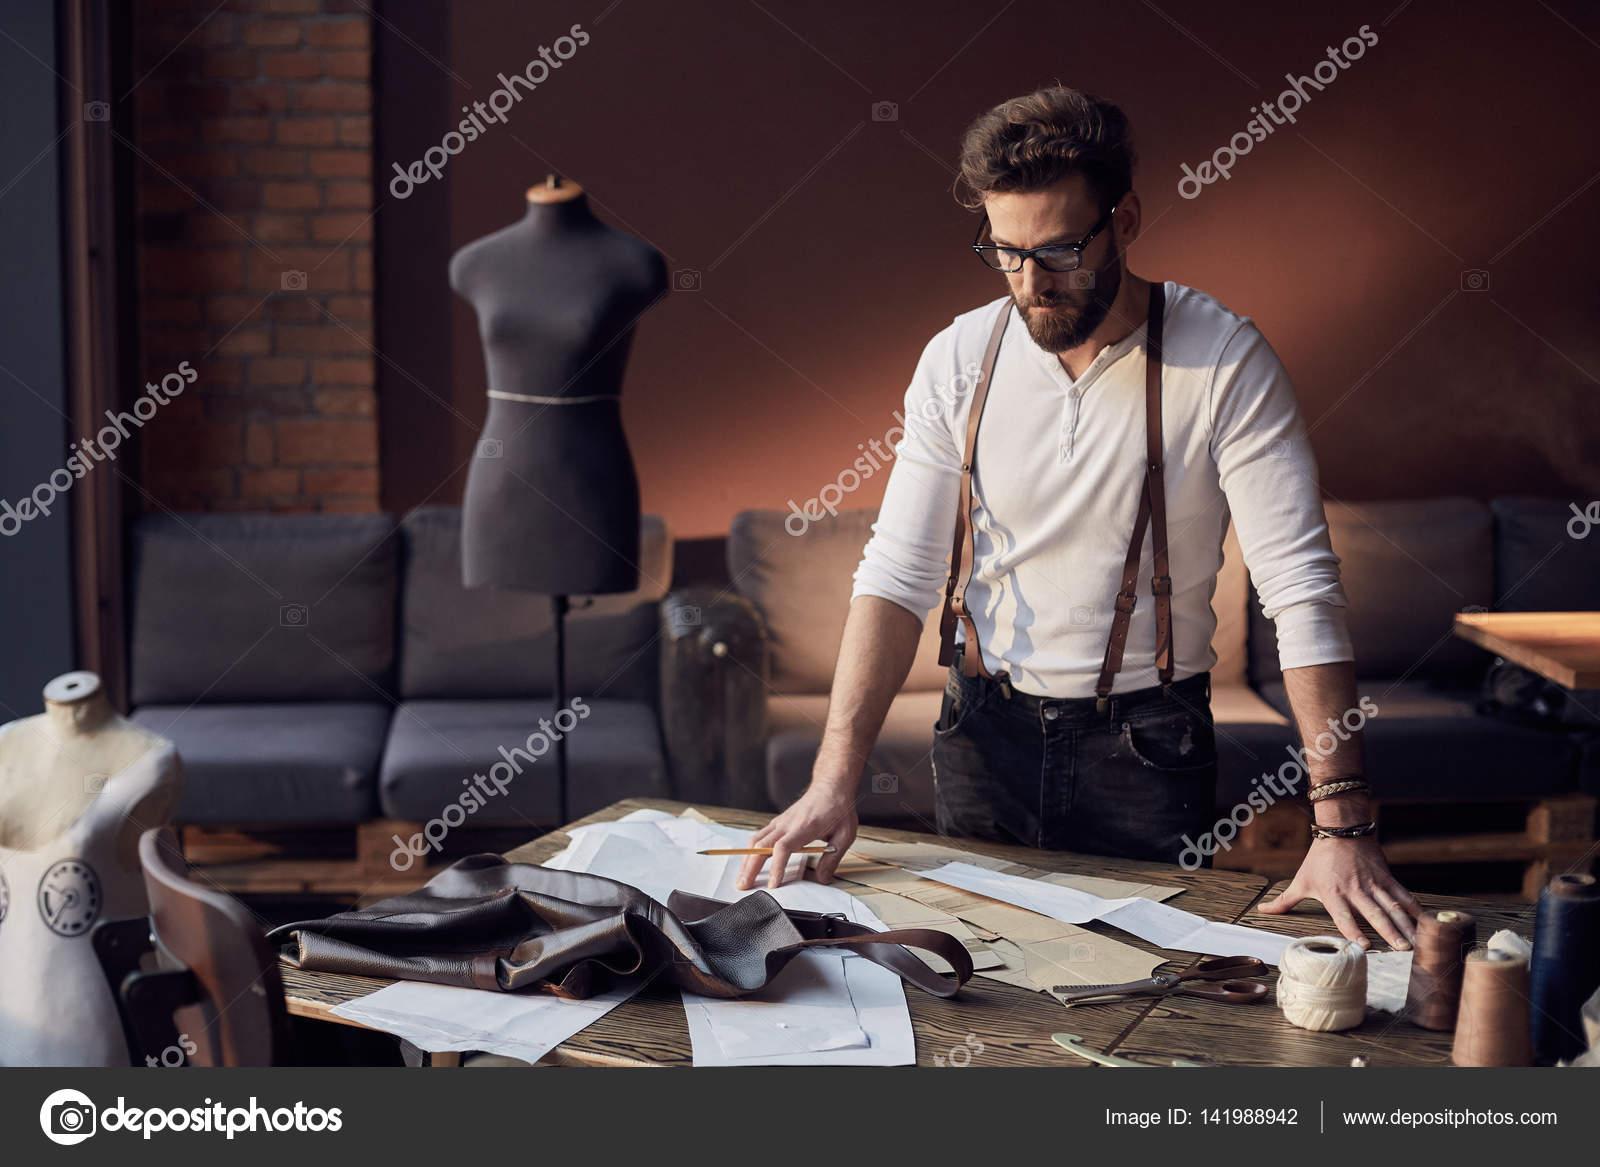 molte scelte di tecnologie sofisticate compra meglio Carina su misura uomo con barba e occhiali in camicia bianca ...